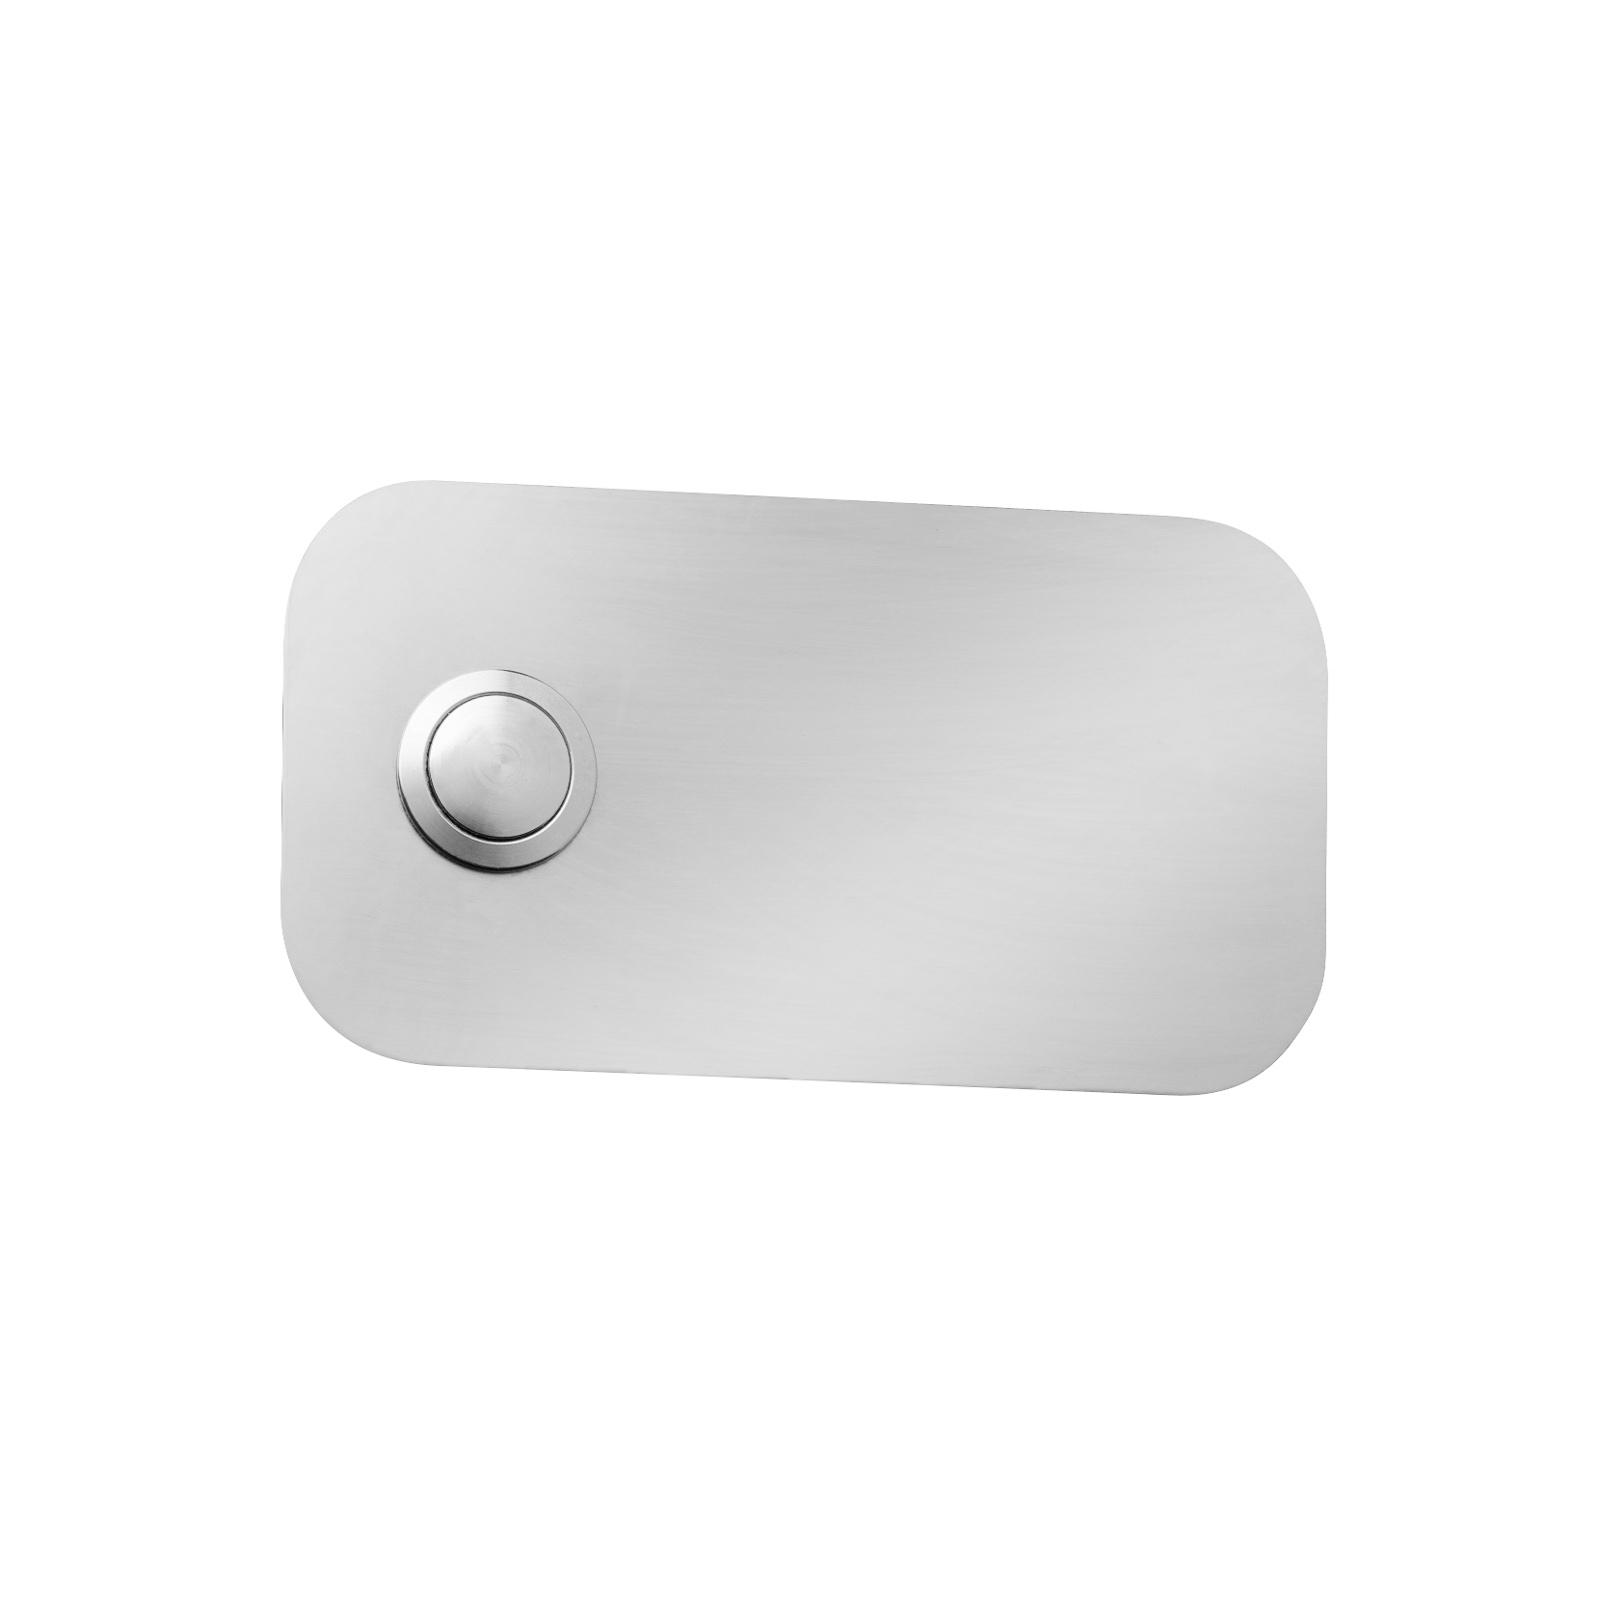 Targhetta rettangolare per campanello acciaio inox